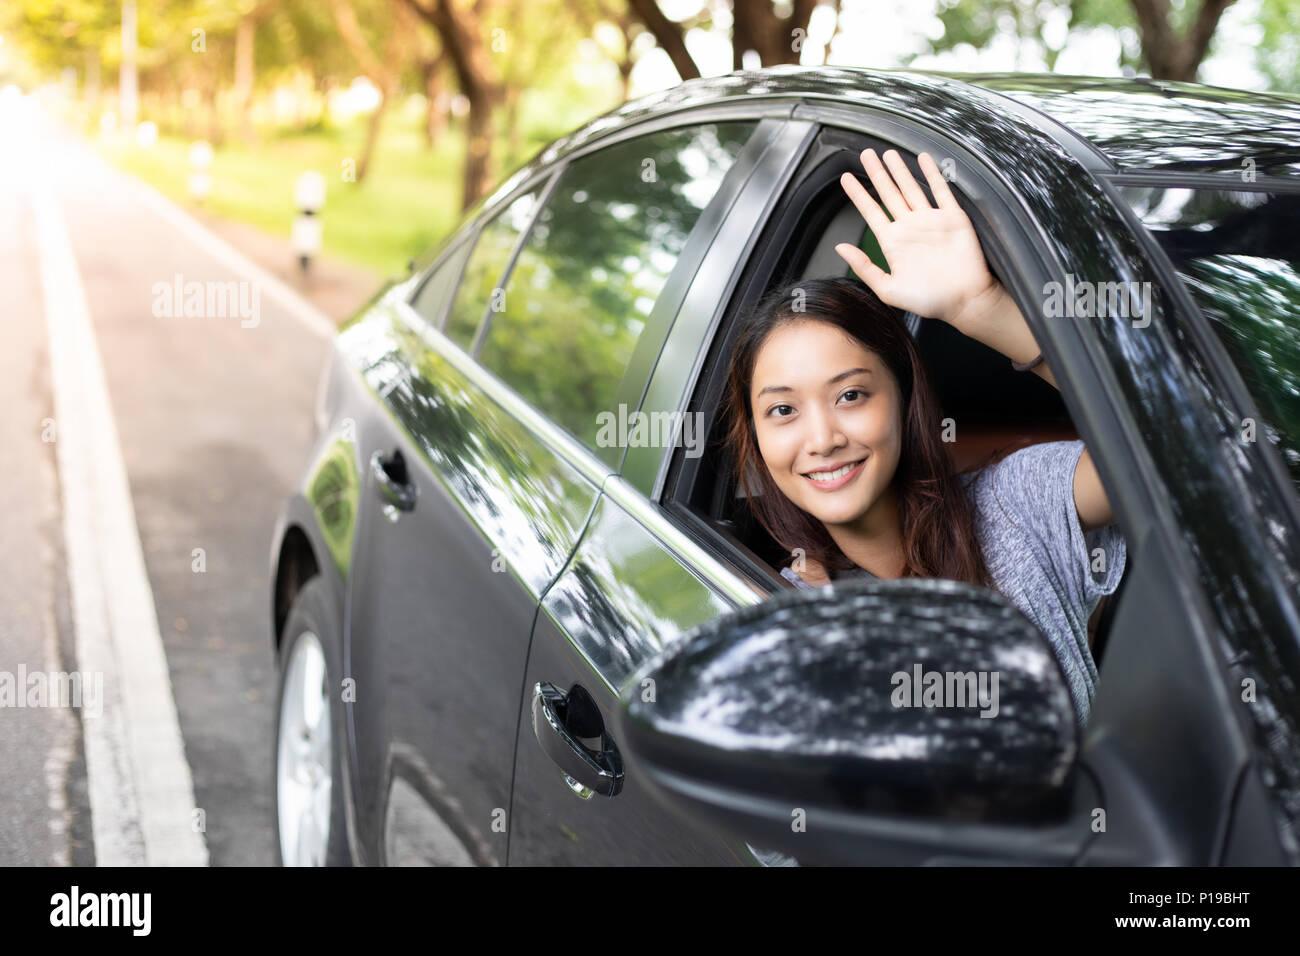 Beautiful Asian woman smiling and enjoying.la conduite d'une voiture pour les déplacements sur route Photo Stock